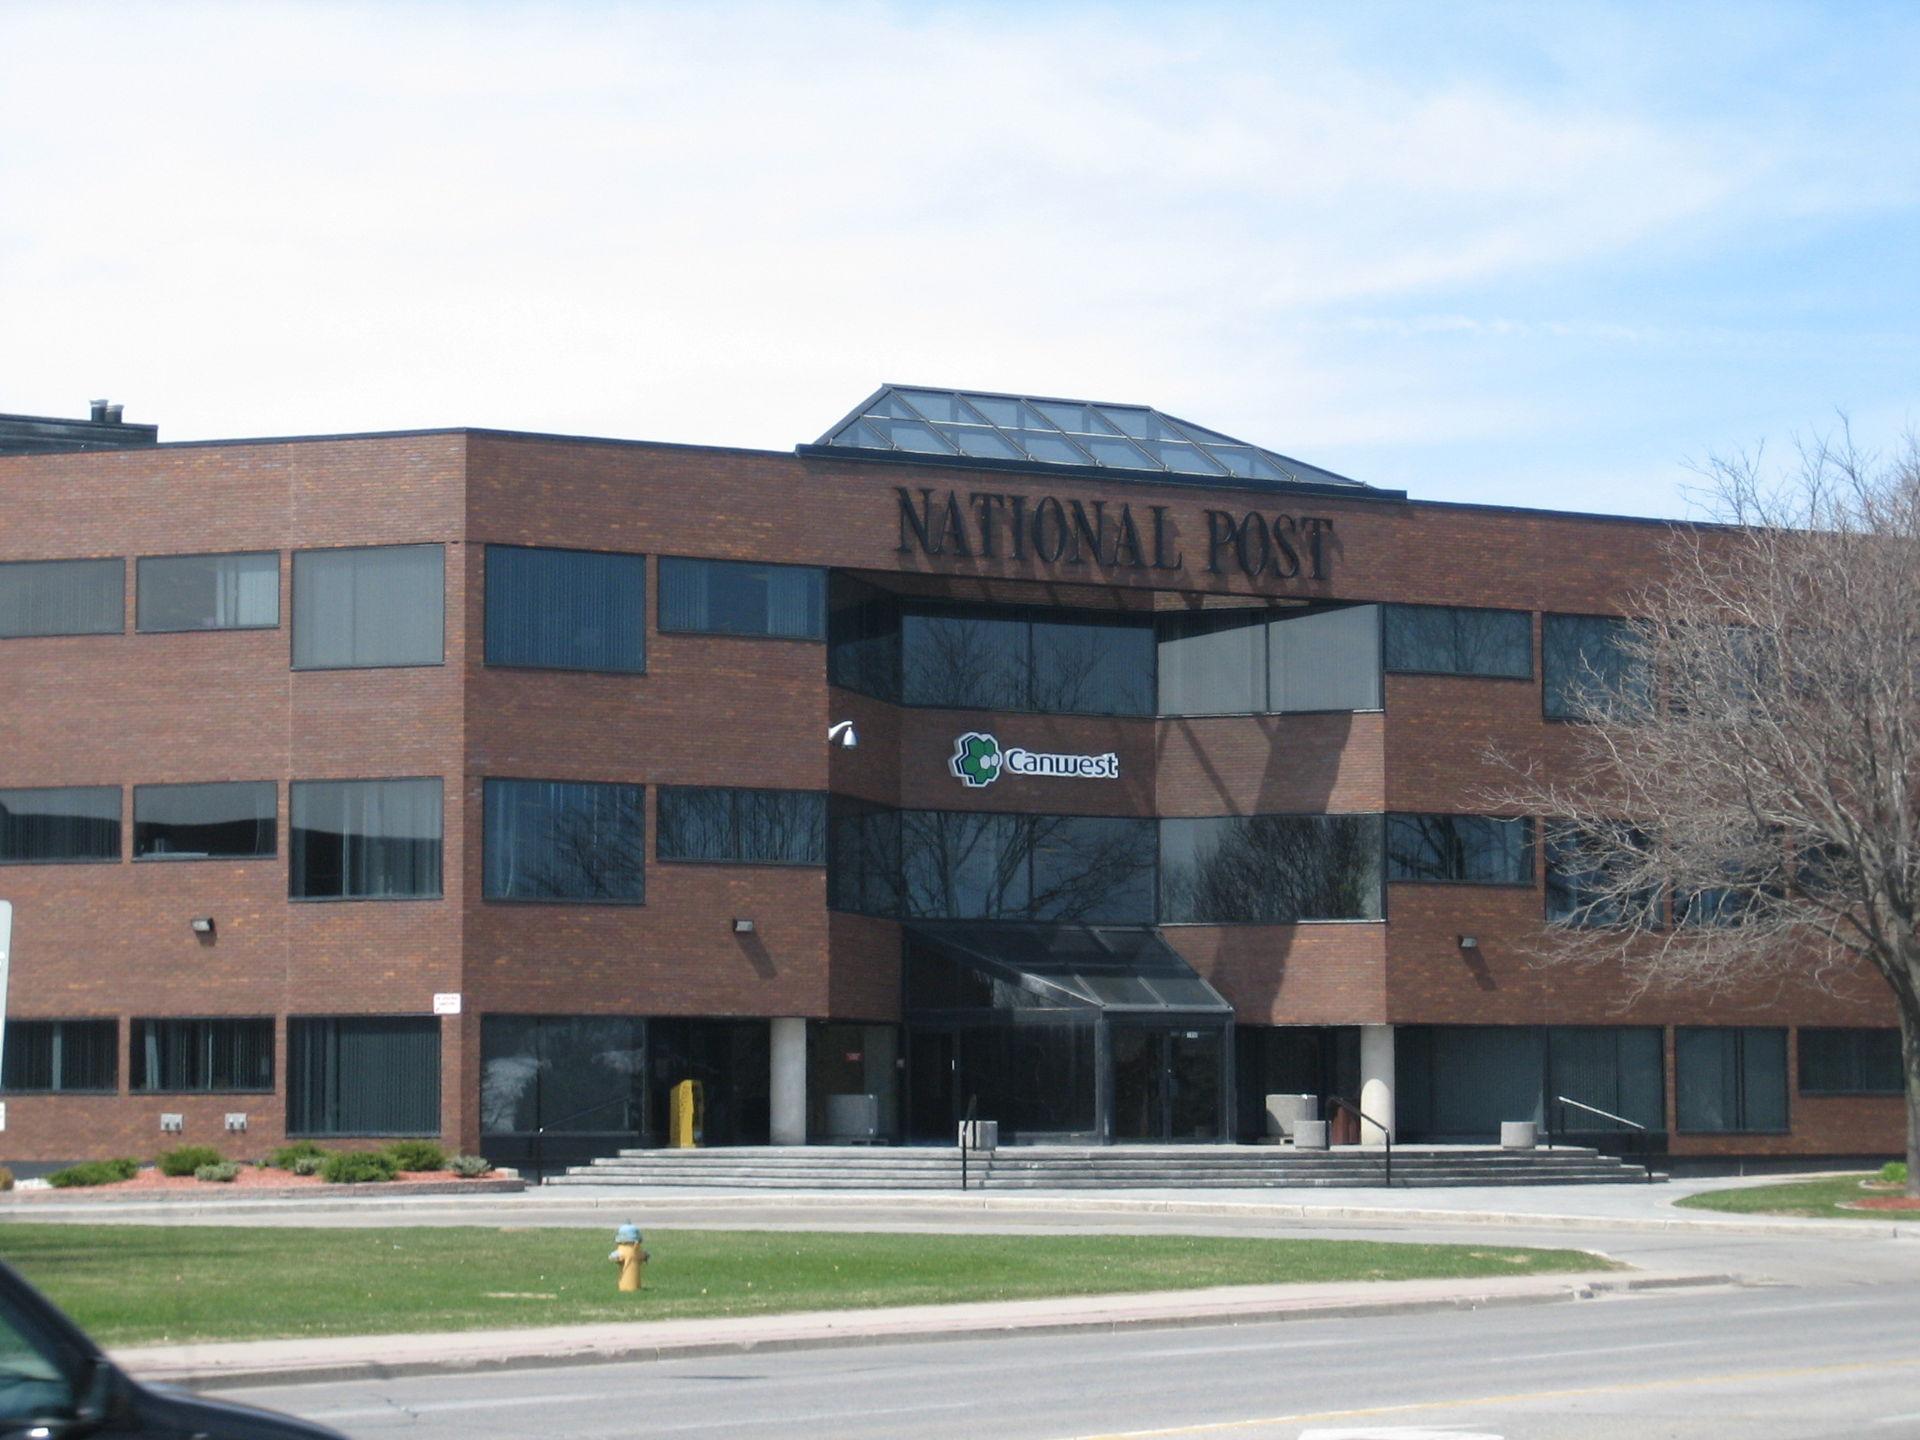 National Post - Wikipedia